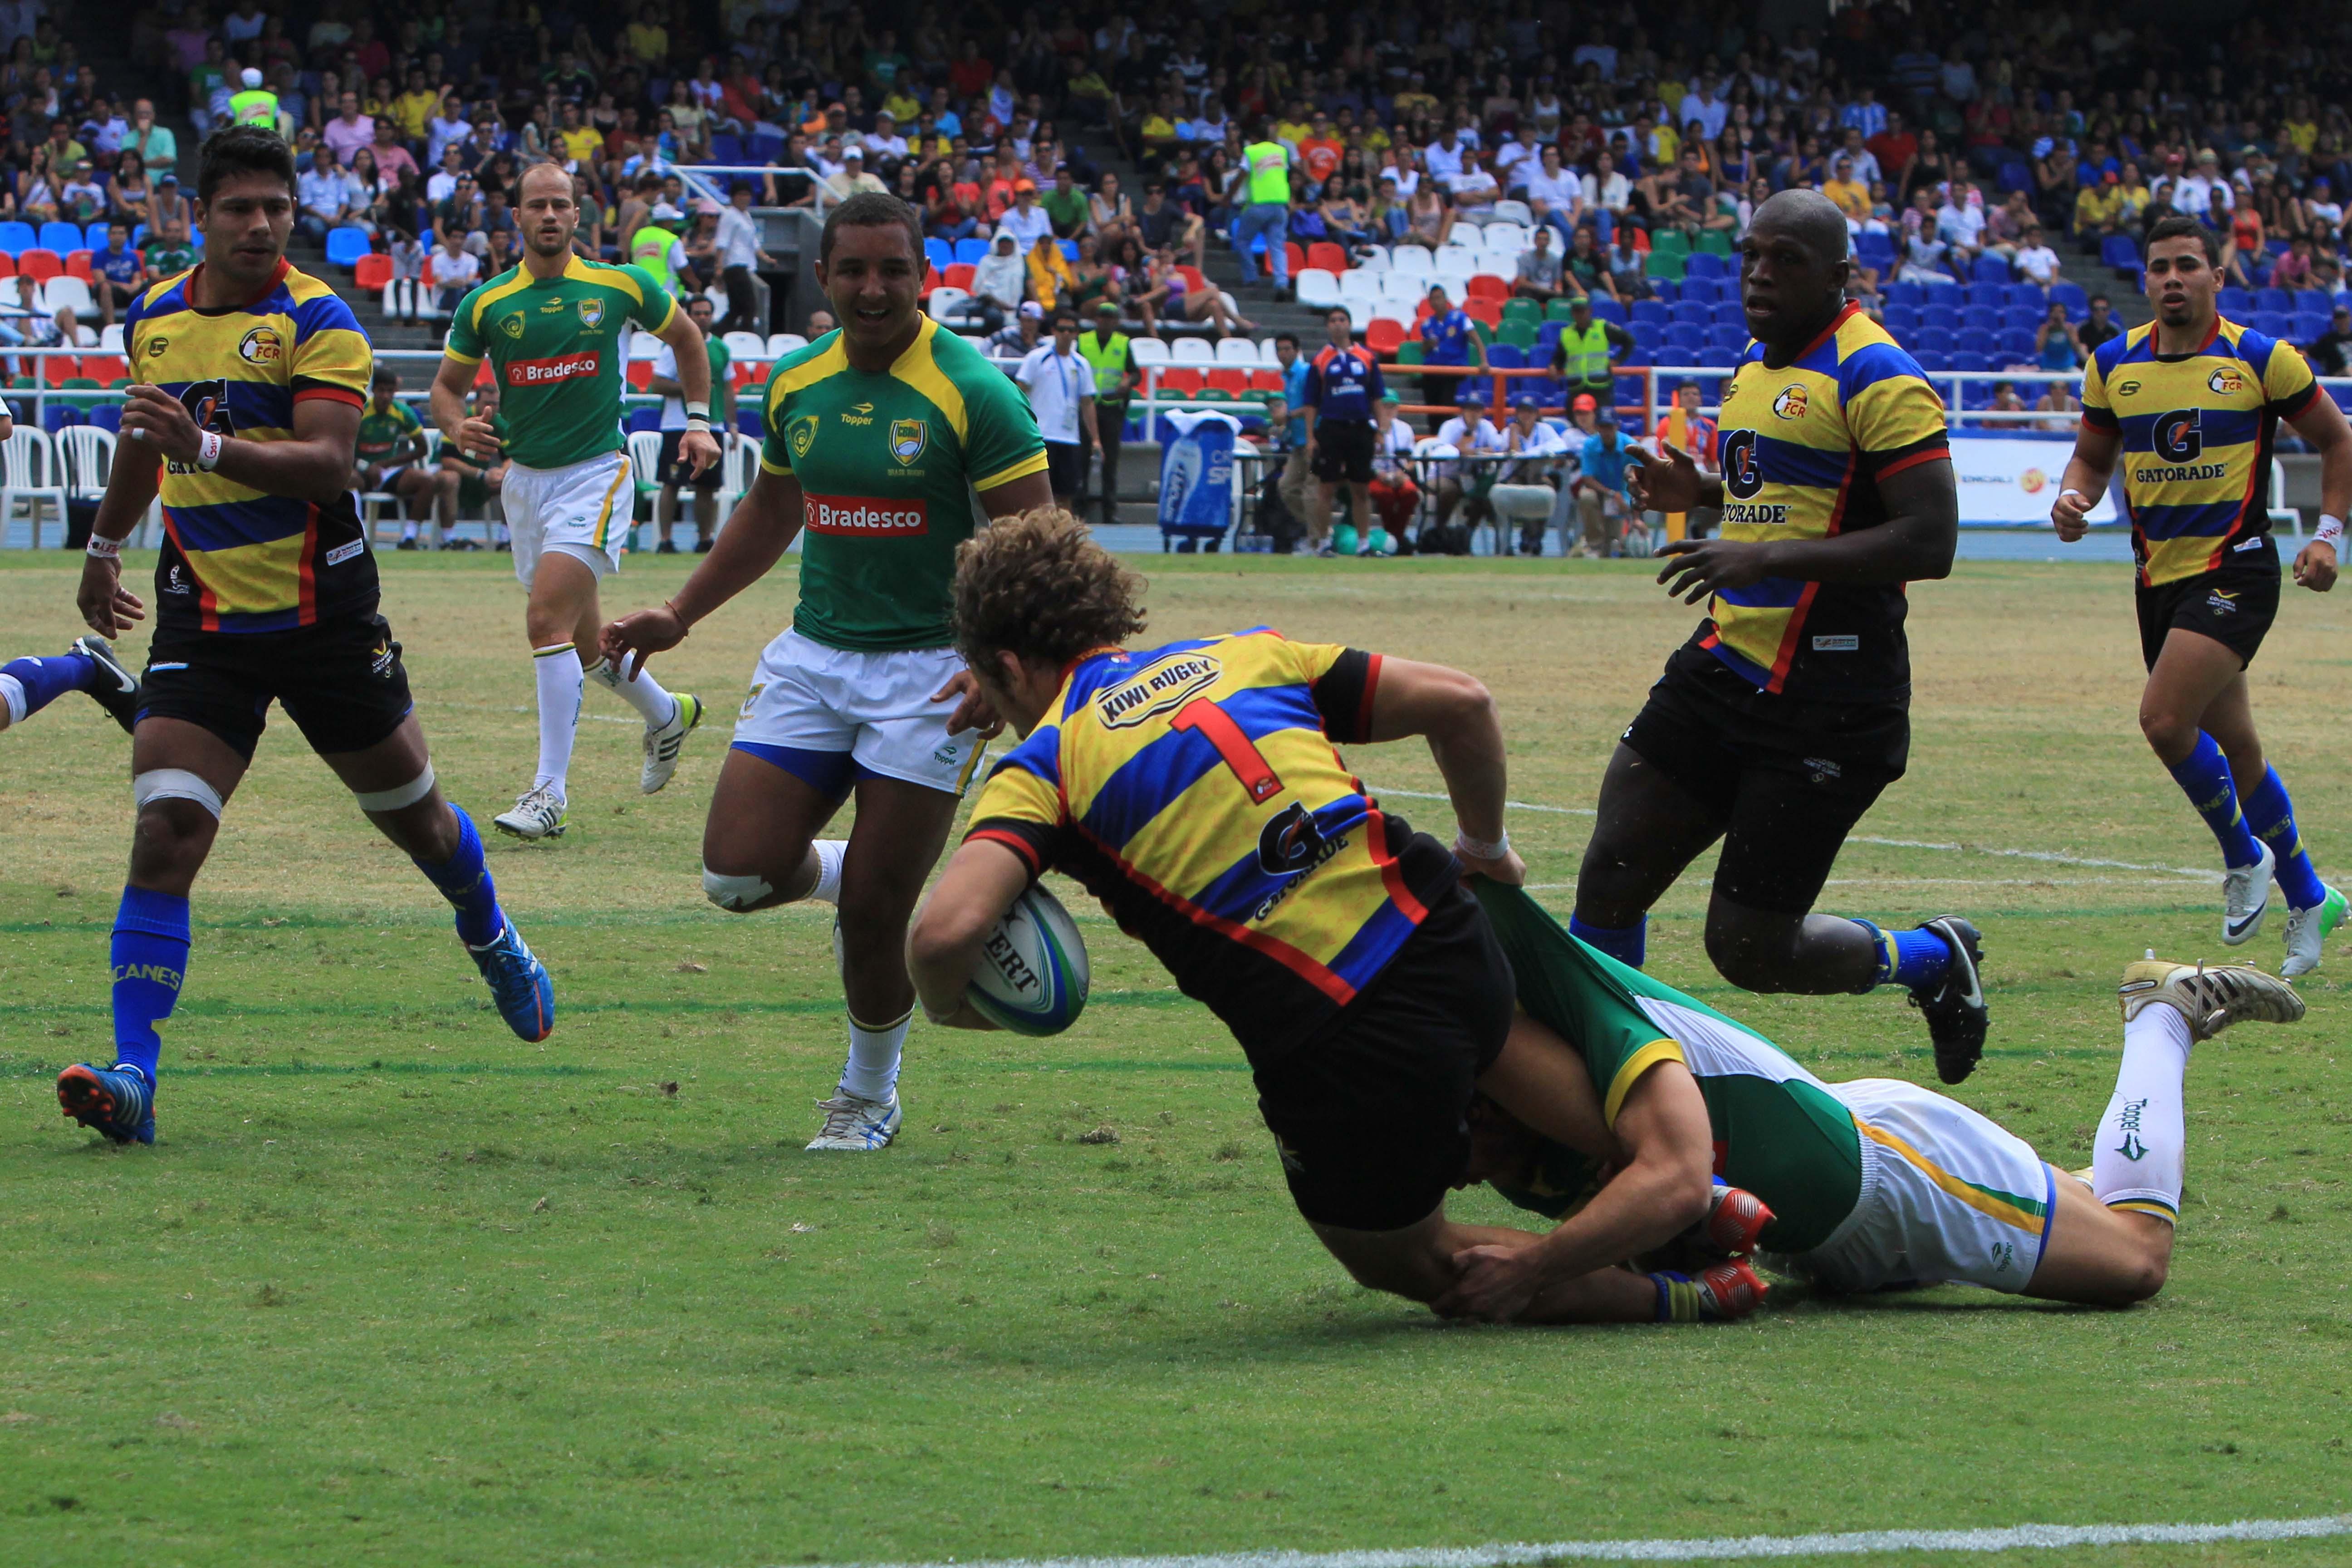 El rugby 7 se despide de los Juegos Mundiales con oro para Sadáfrica